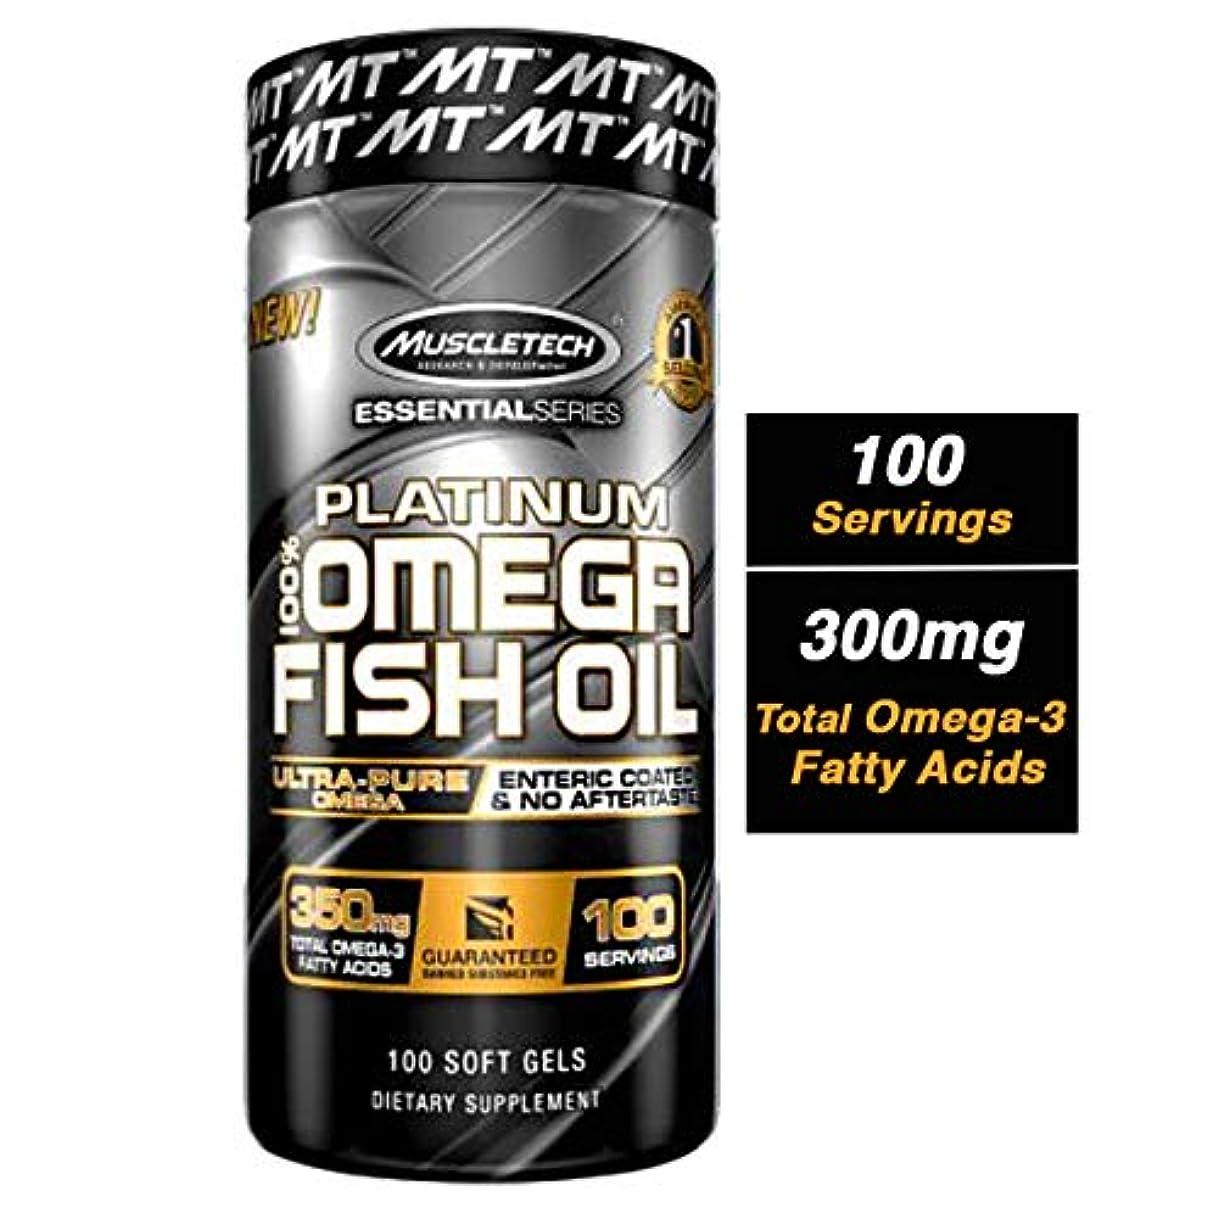 シーケンス荒野チャンピオンシップMuscletech プラチナム100% フィッシュオイル 100カプセル (Platinum 100% Fish Oil, 100 Soft Gel Caps)